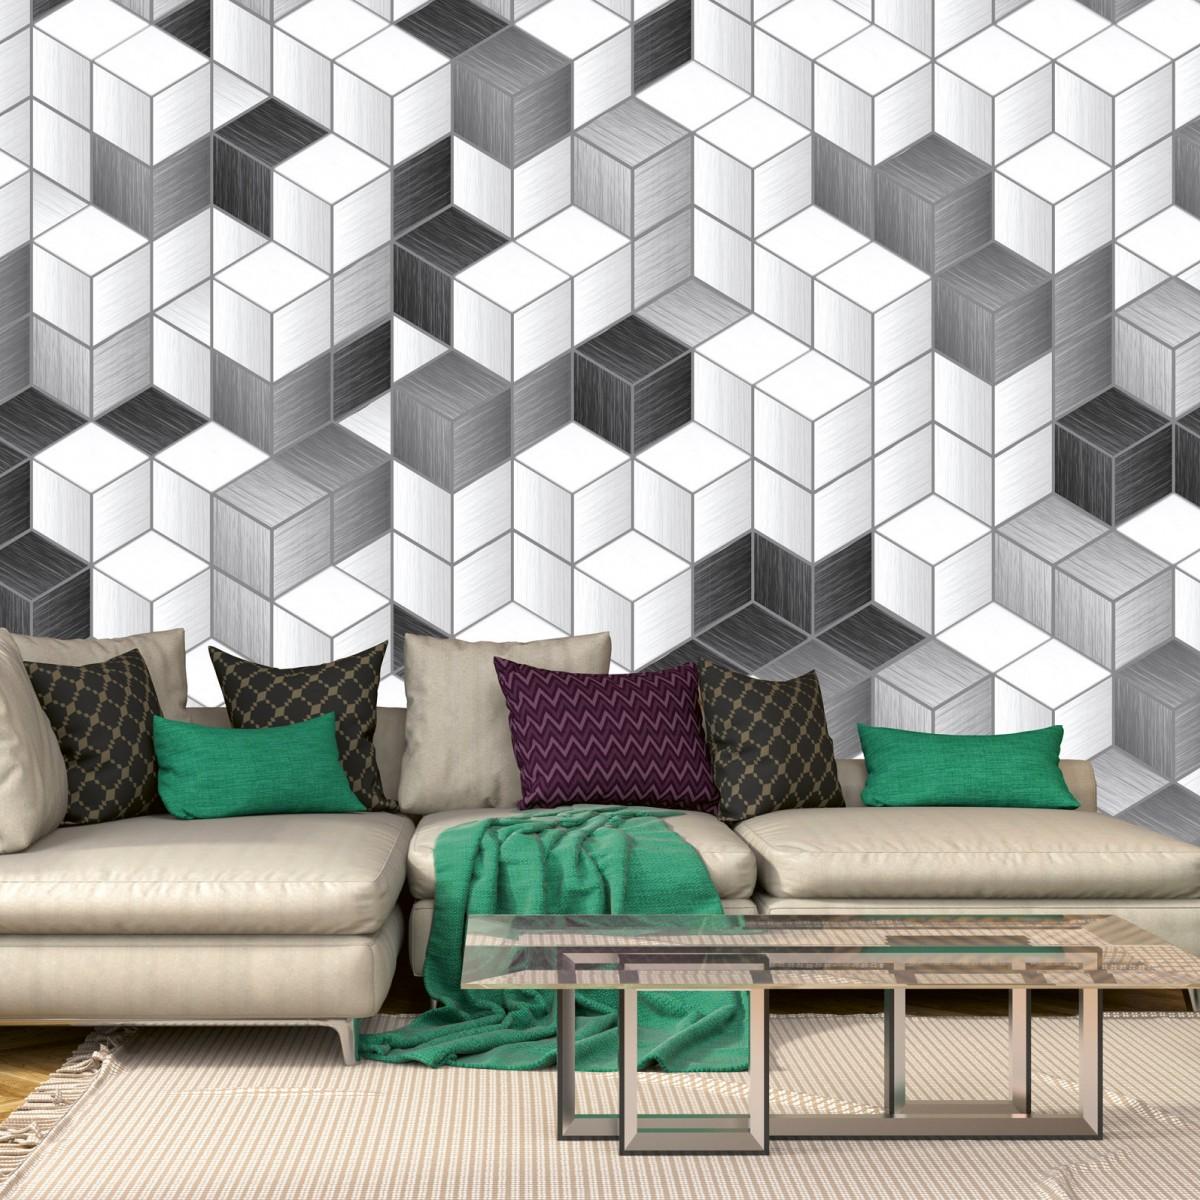 Foto tapet 3D Cube Blocks, Dimex, 5 fâșii, 375 x 250cm